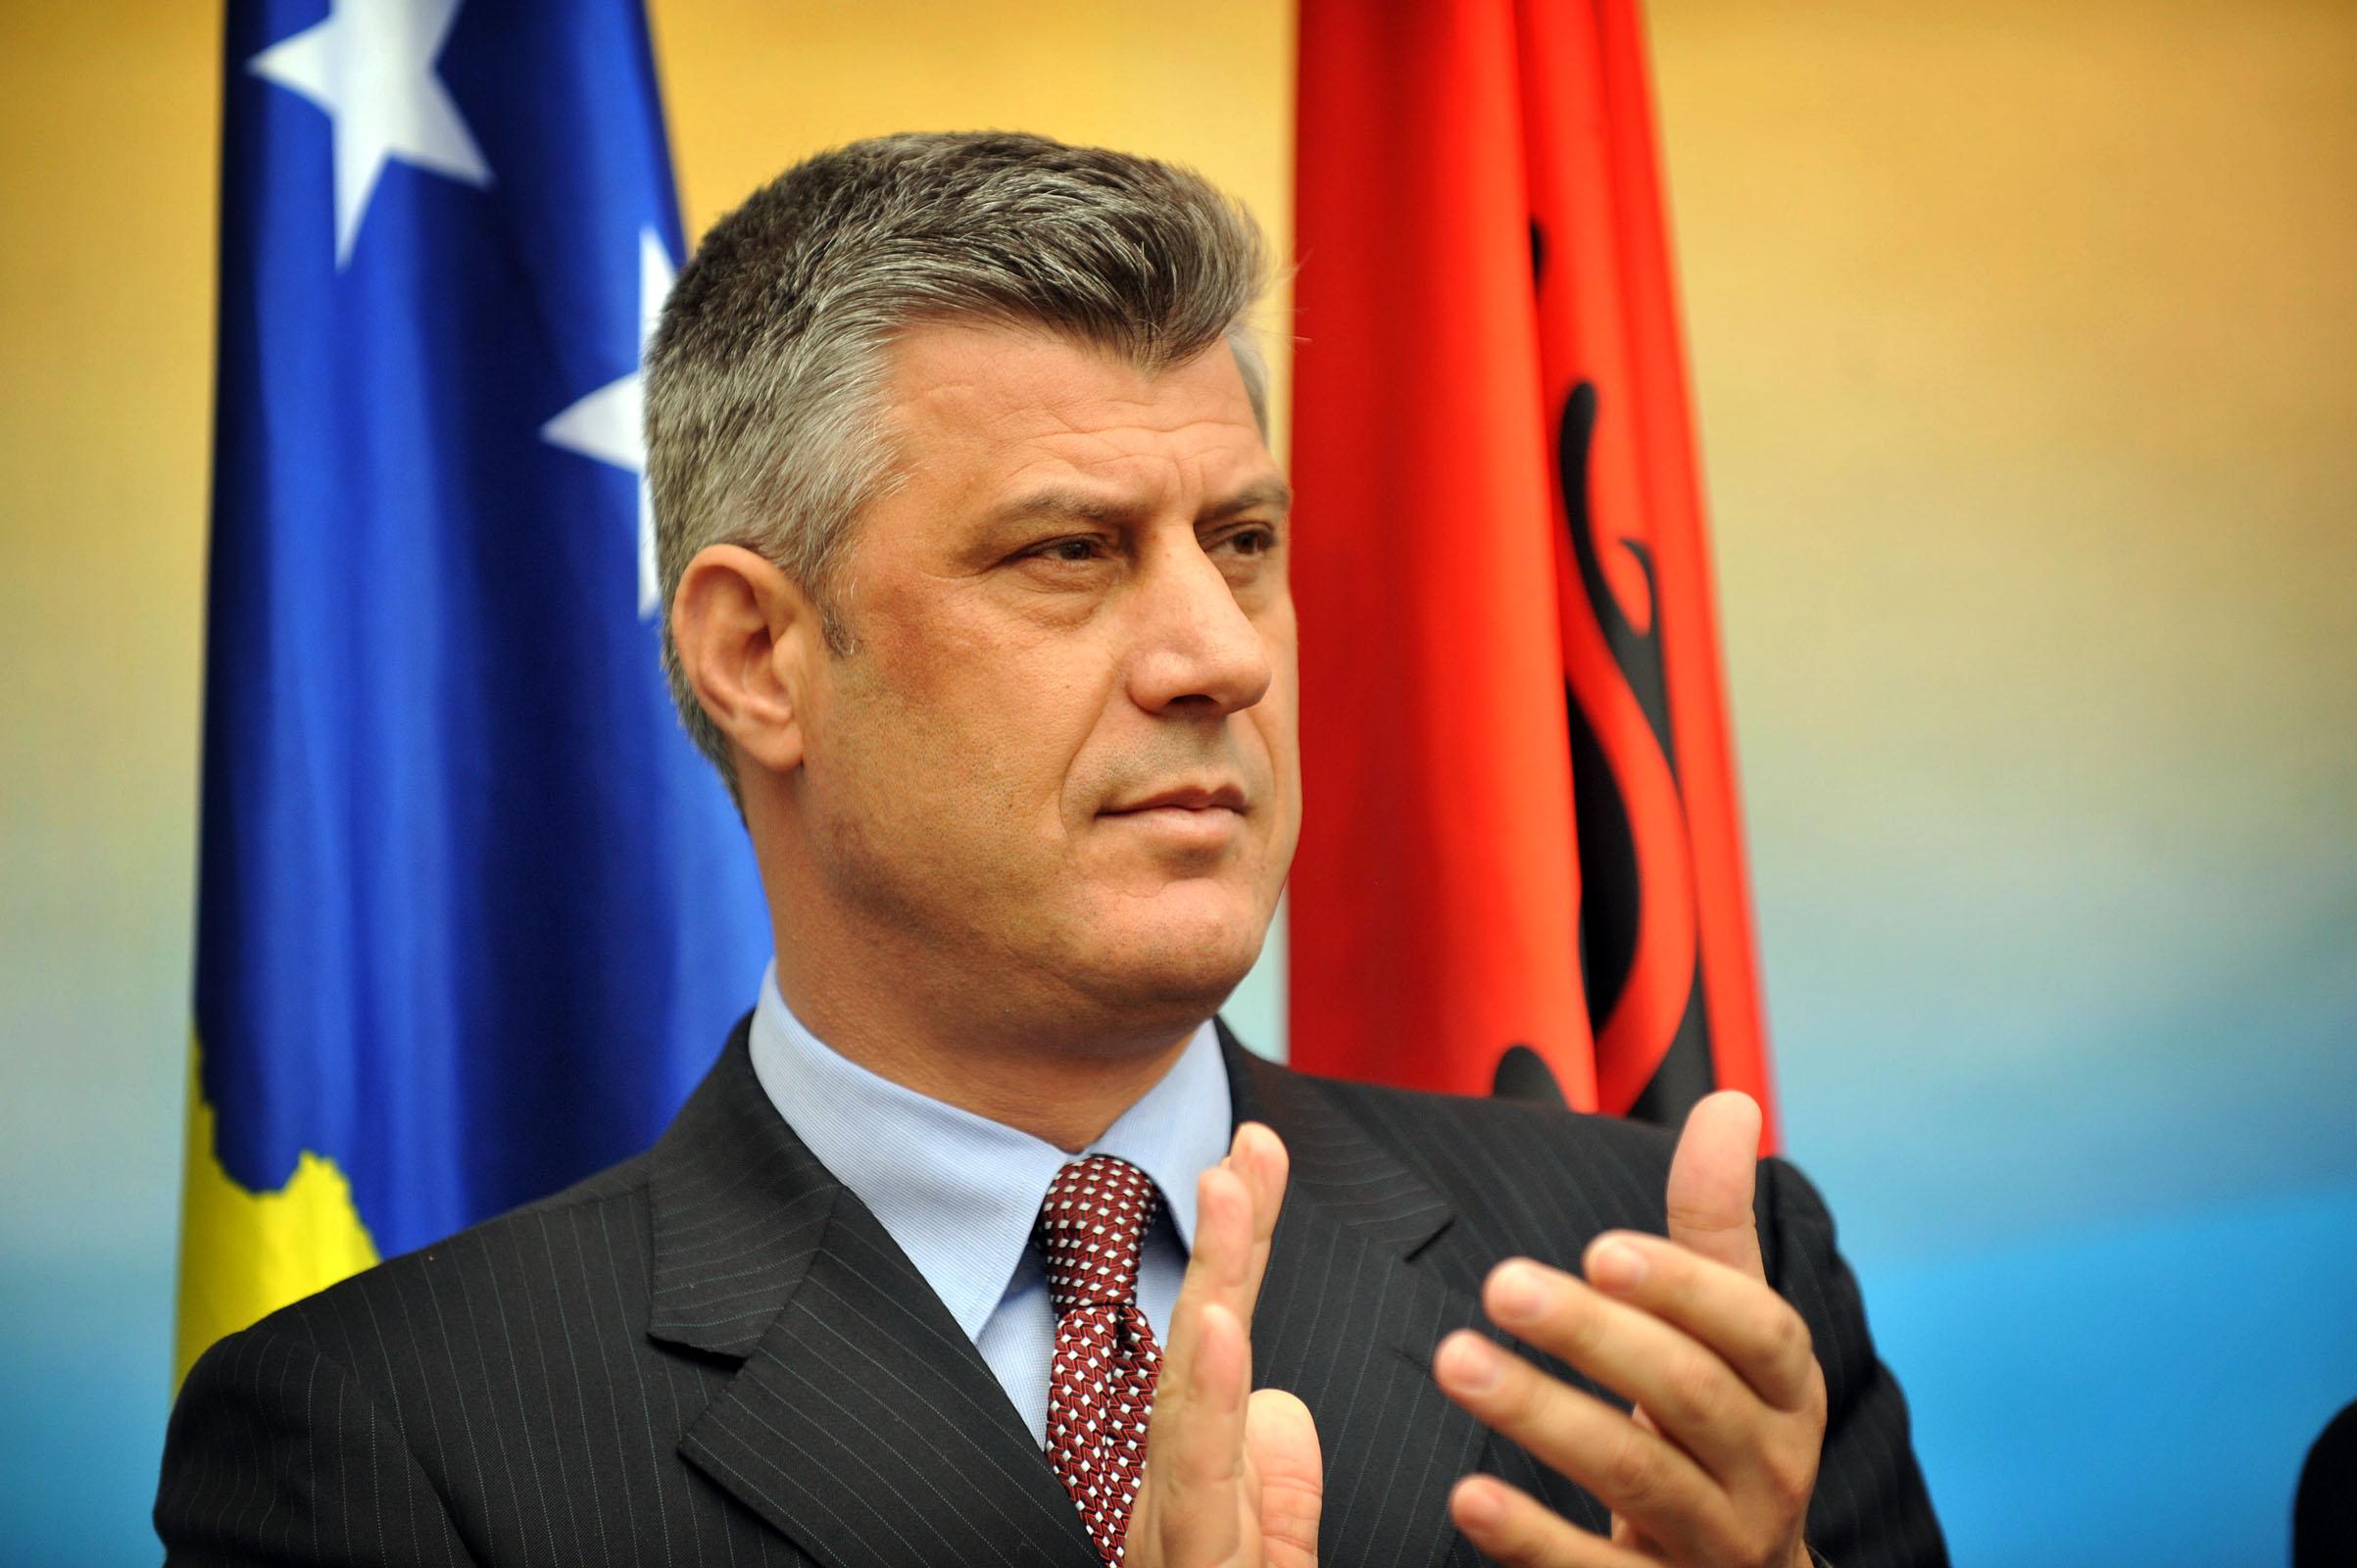 Vendimi i parë i kryeministrit Hoti, reagon presidenti Hashim Thaçi